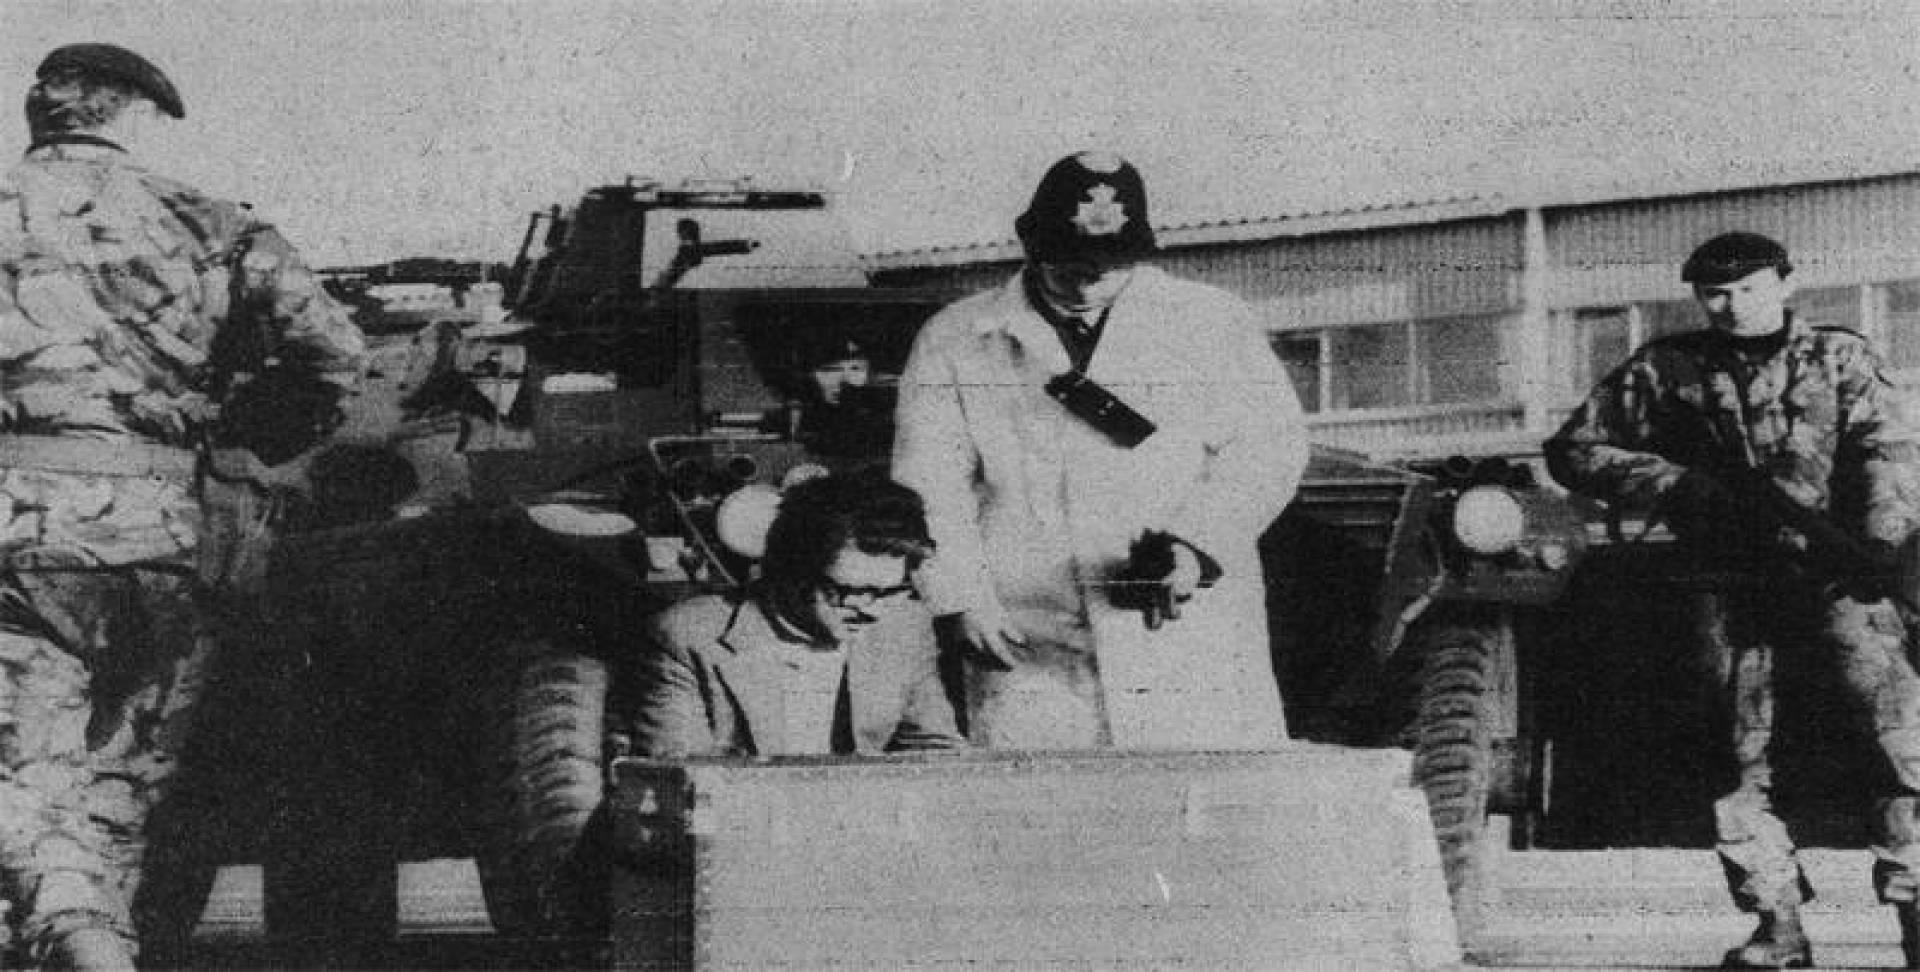 إجراءات أمن مشددة في مطار هيثرو بلندن.. أرشيفية